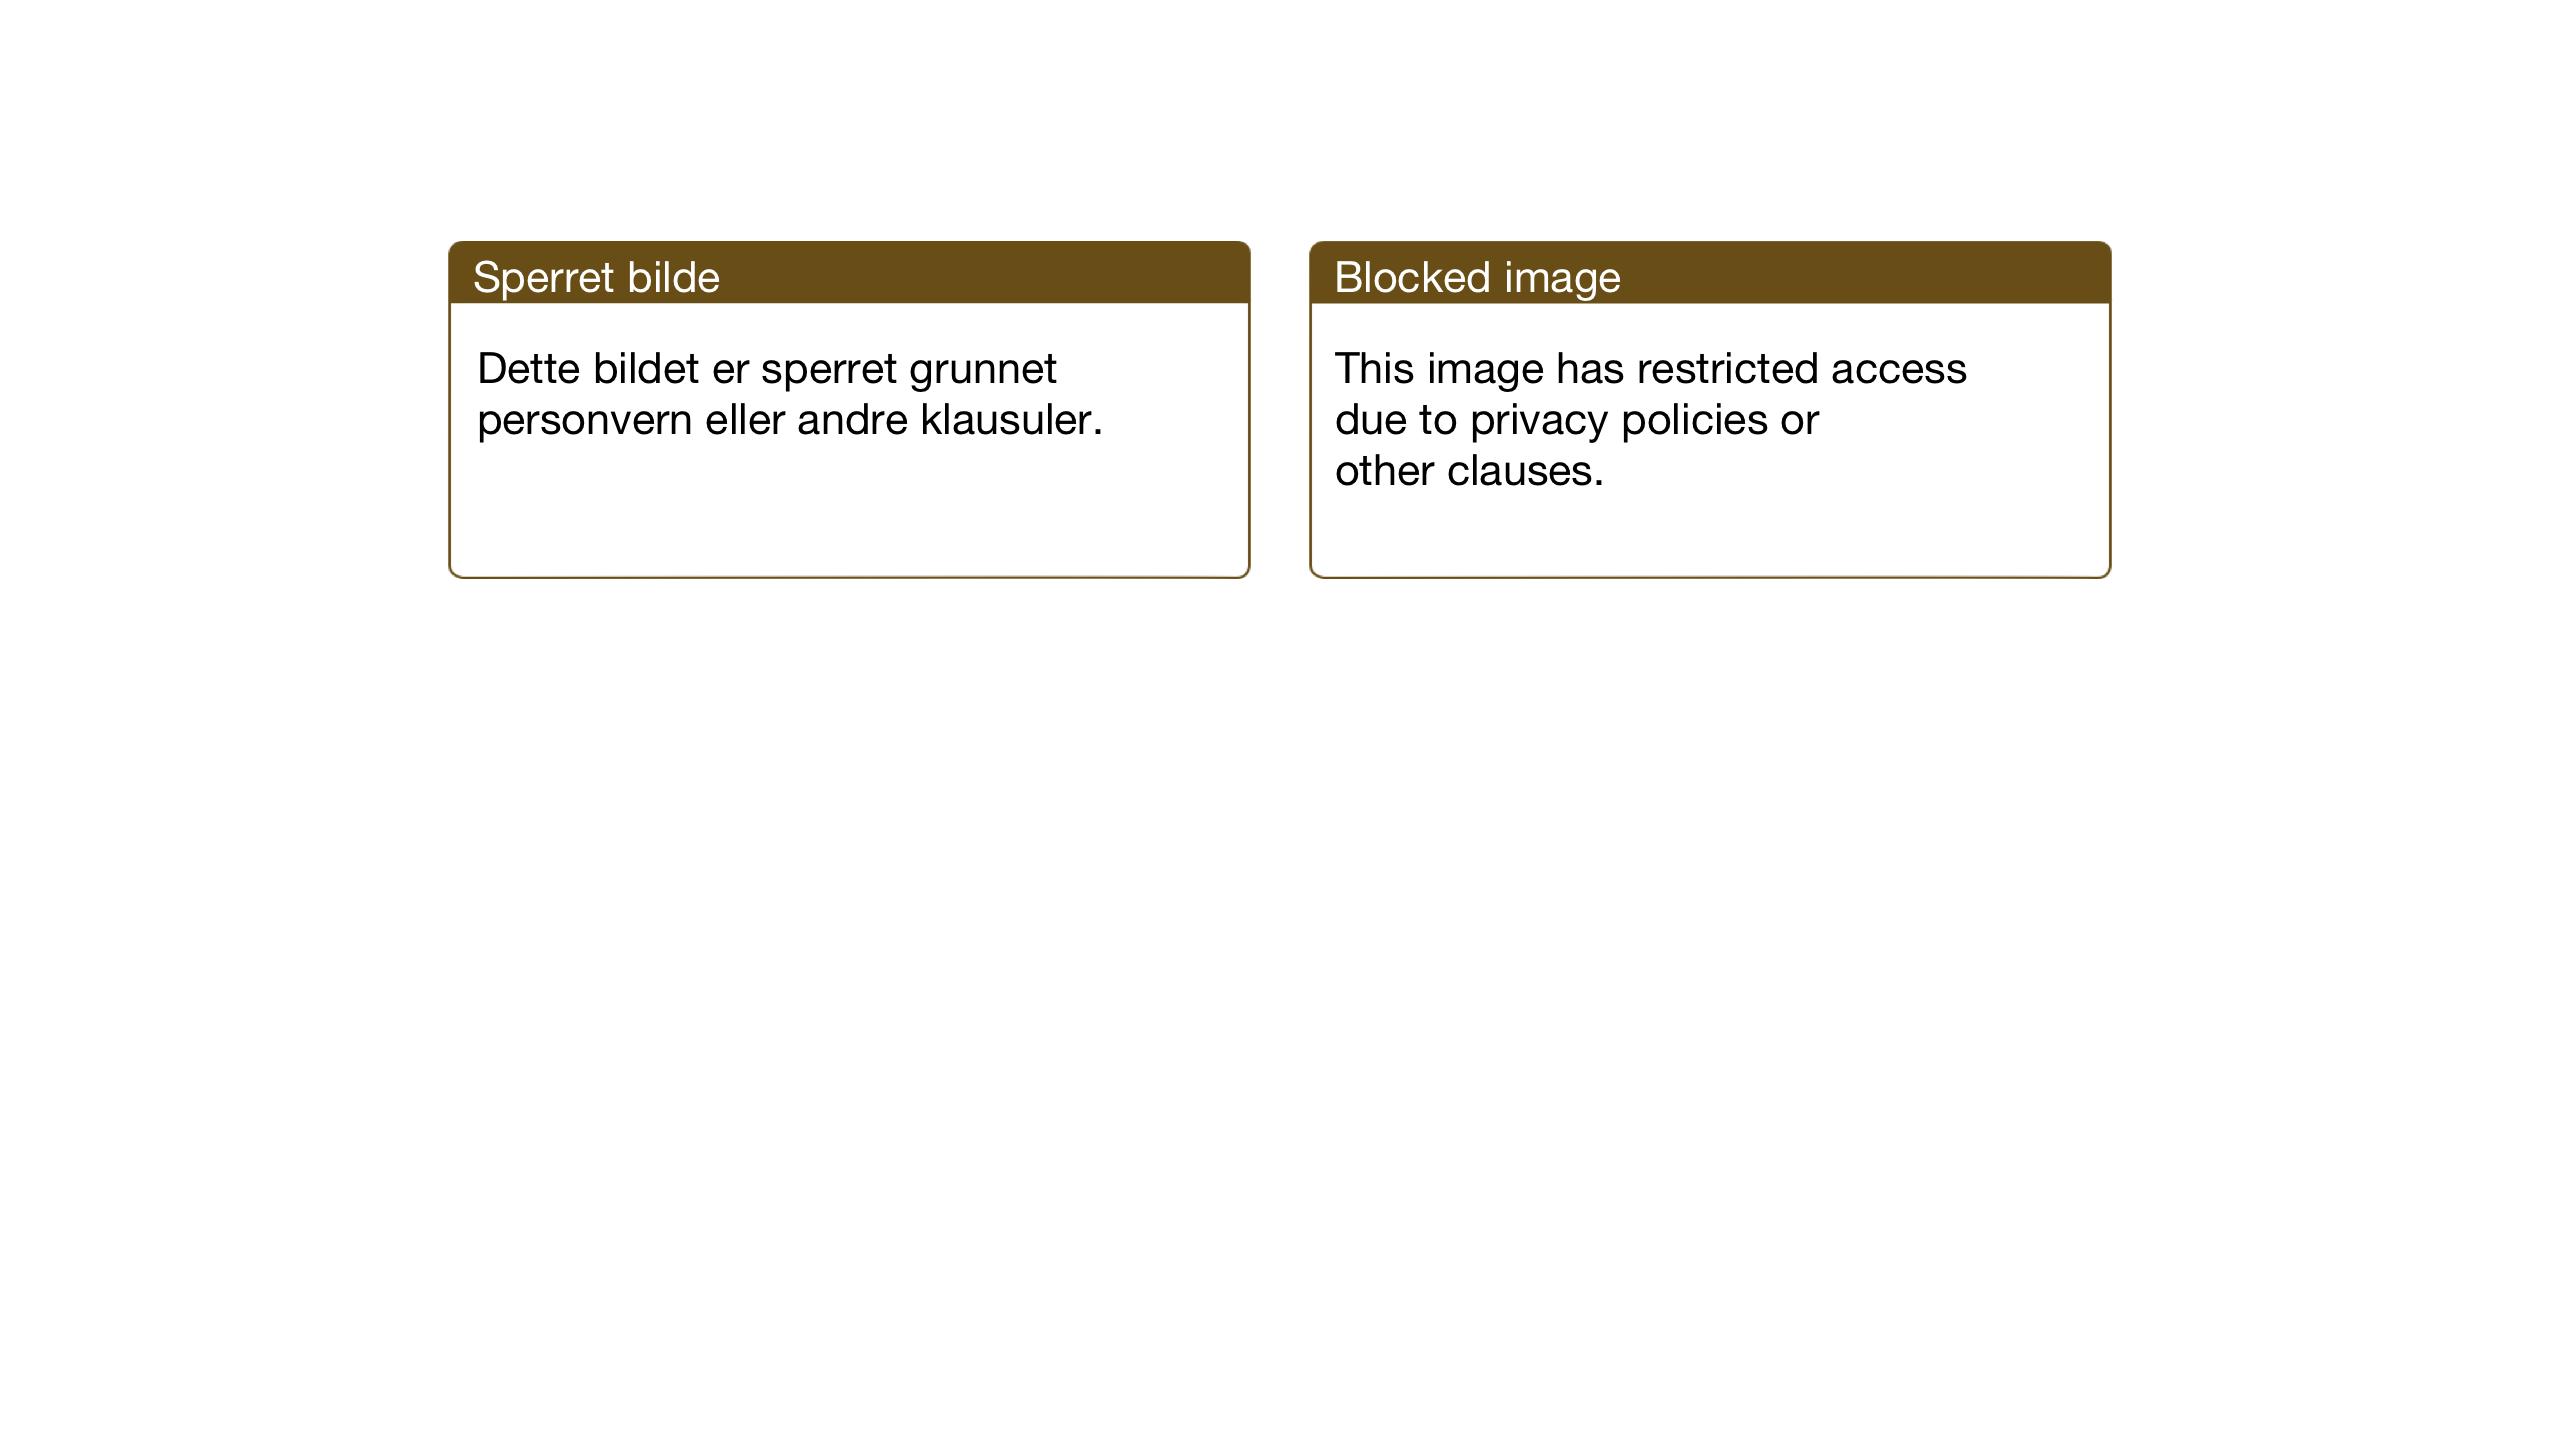 SAT, Ministerialprotokoller, klokkerbøker og fødselsregistre - Sør-Trøndelag, 693/L1124: Klokkerbok nr. 693C05, 1911-1941, s. 88